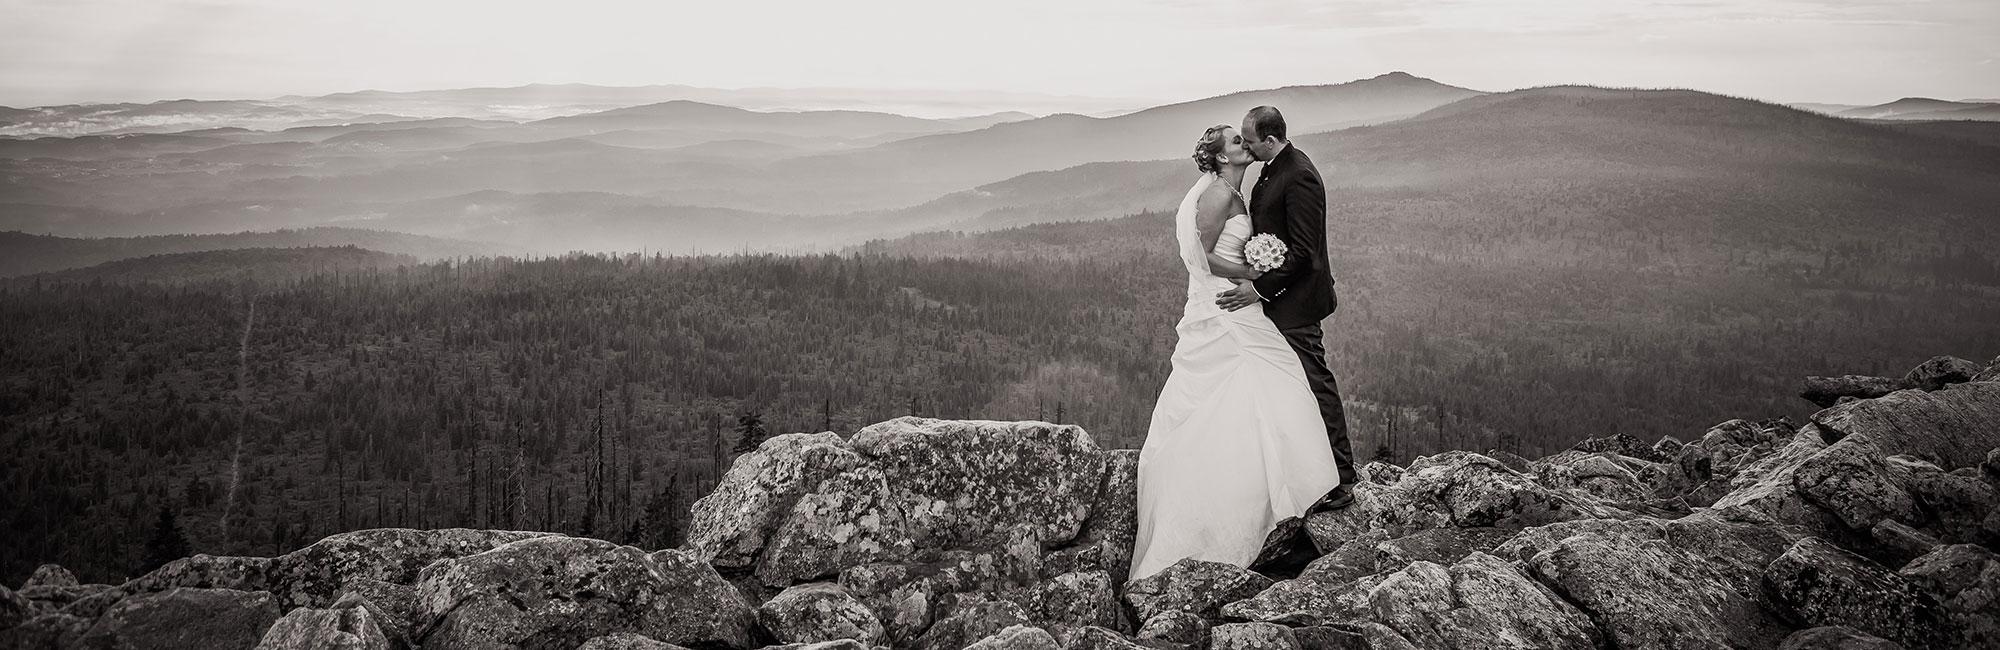 Galerie Hochzeit | Hochzeitsfotografin Karin Haselsteiner